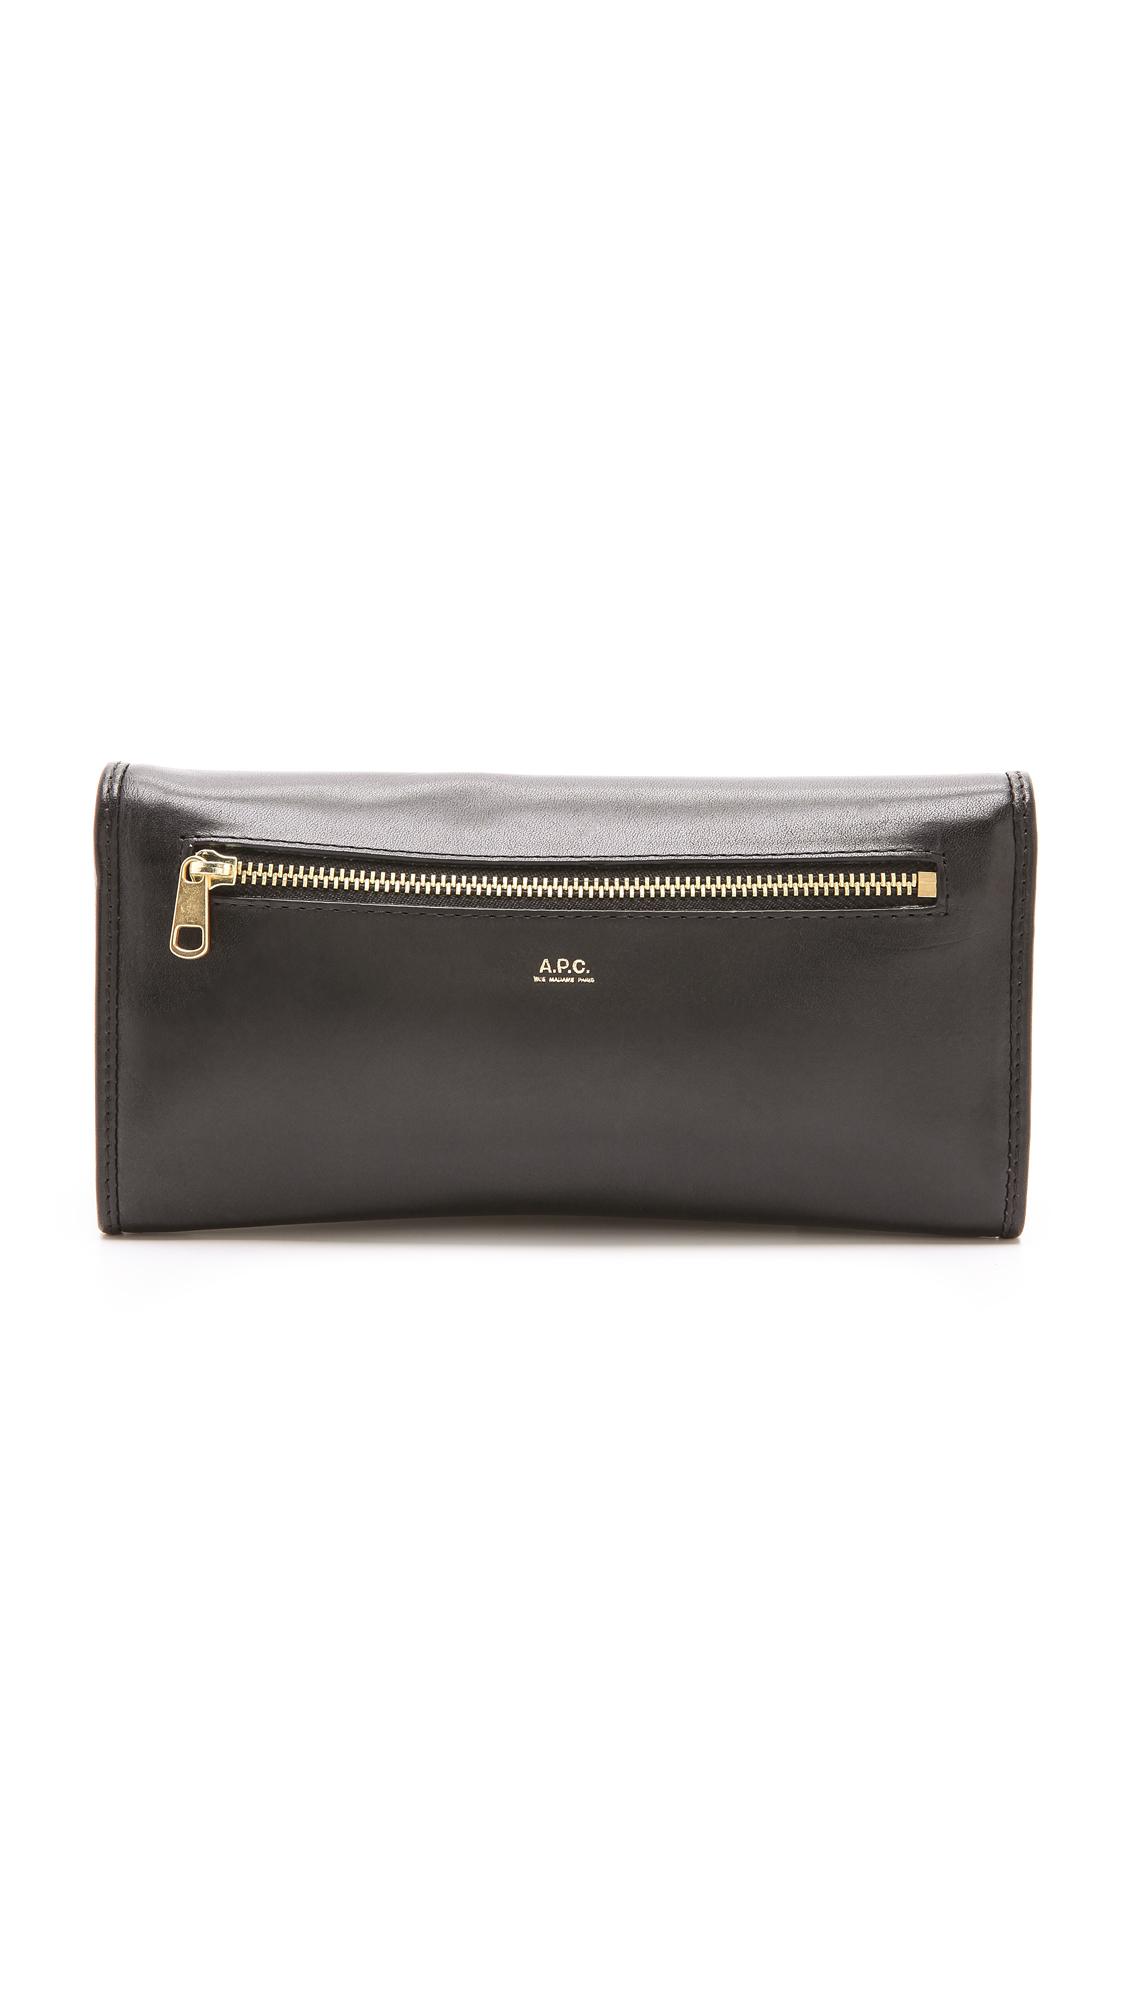 A.p.c. Long Portefeuille Wallet in Black (Noir) | Lyst